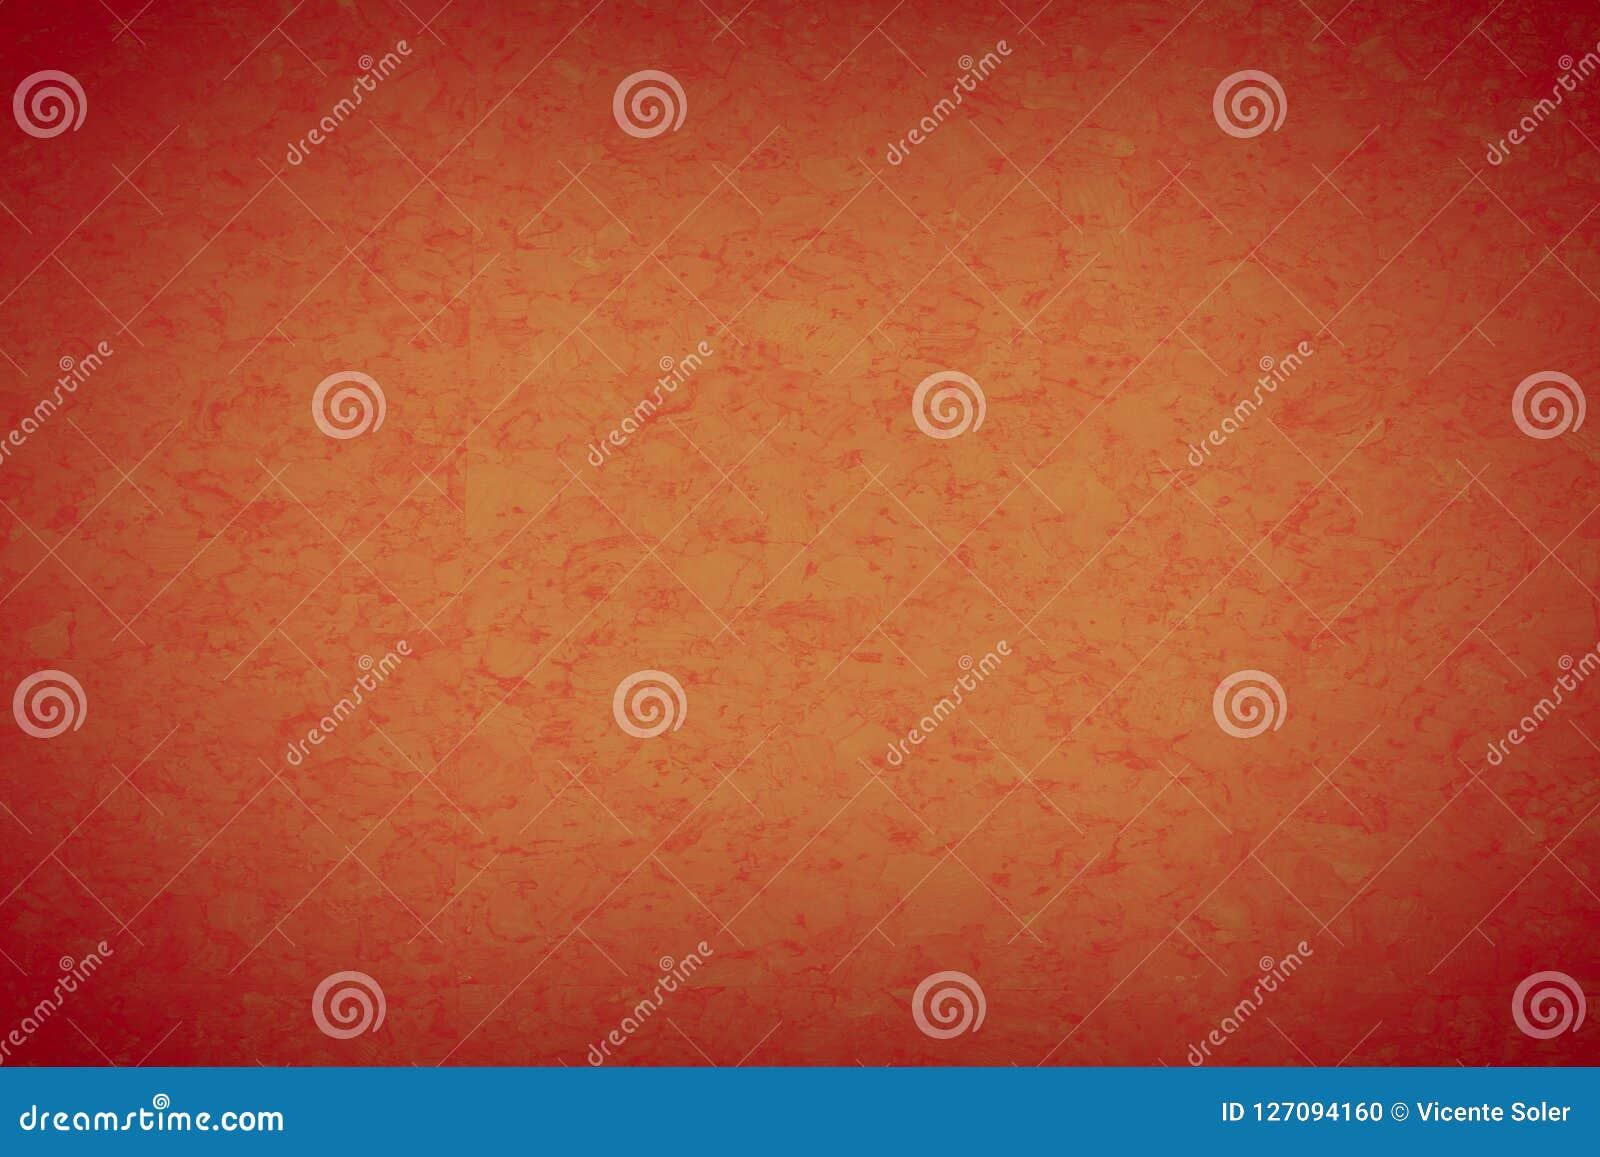 Um fundo abstrato de uma cor alaranjada